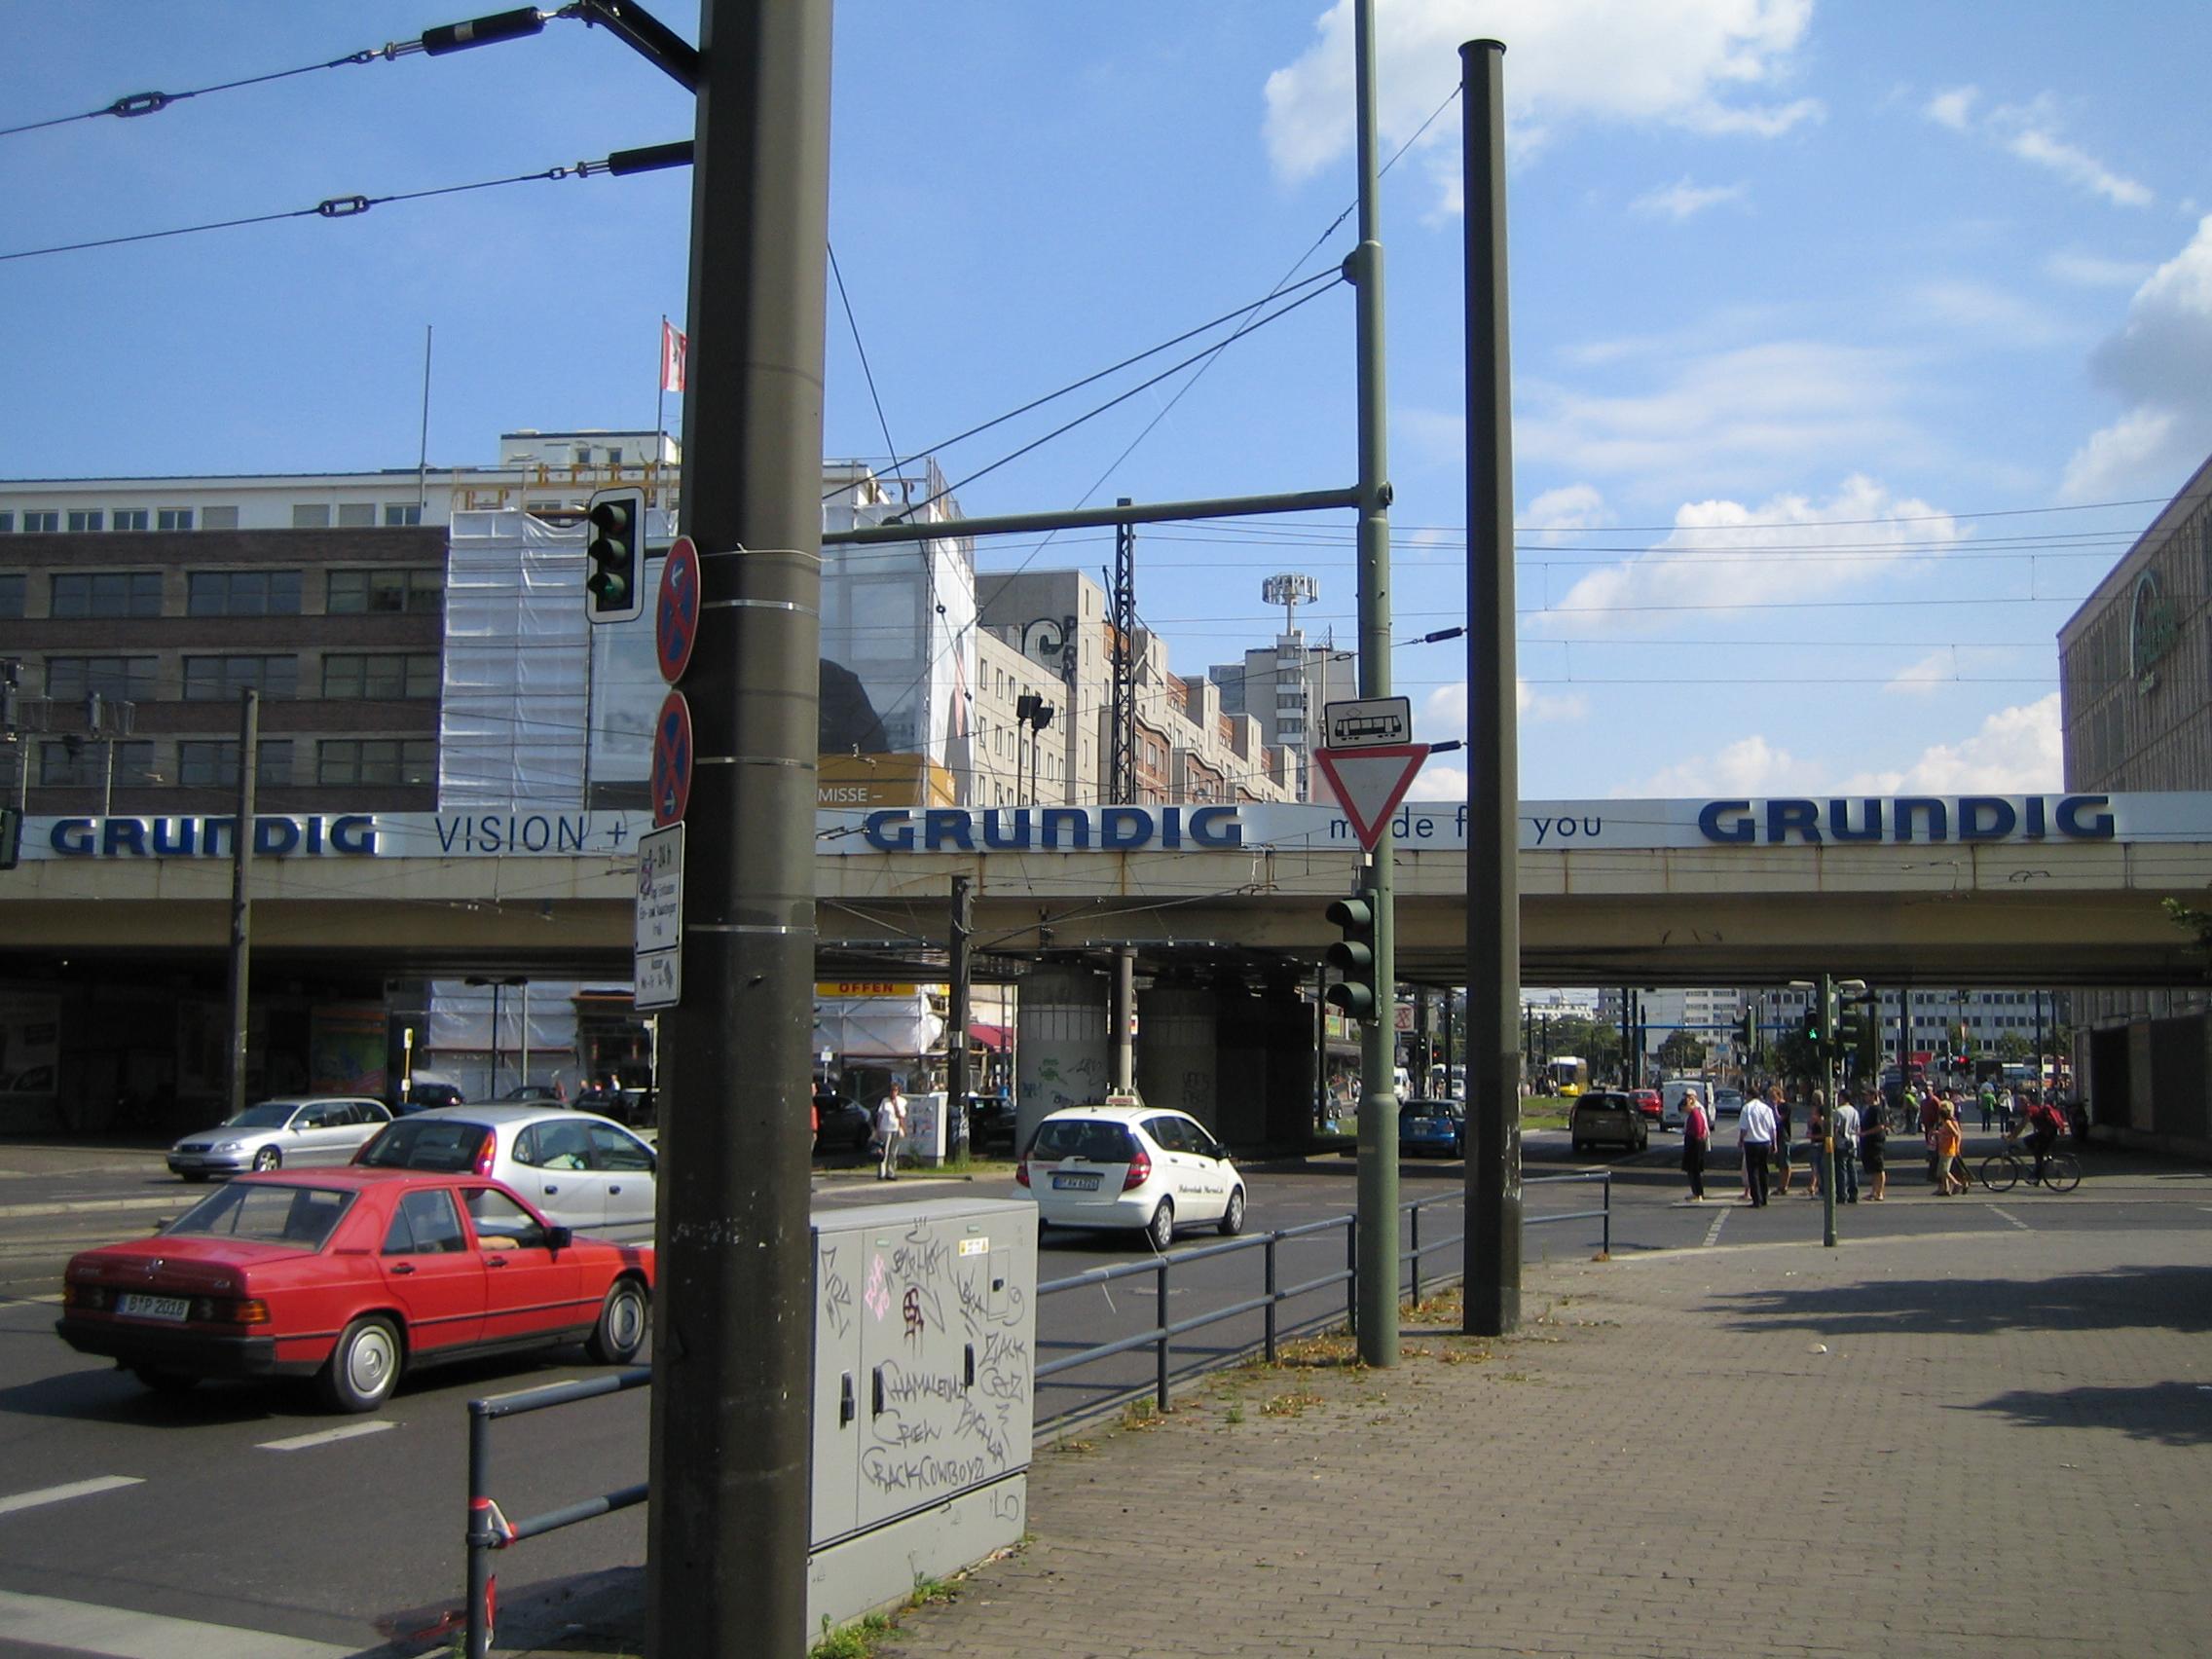 Tilfældigt sted i Berlin